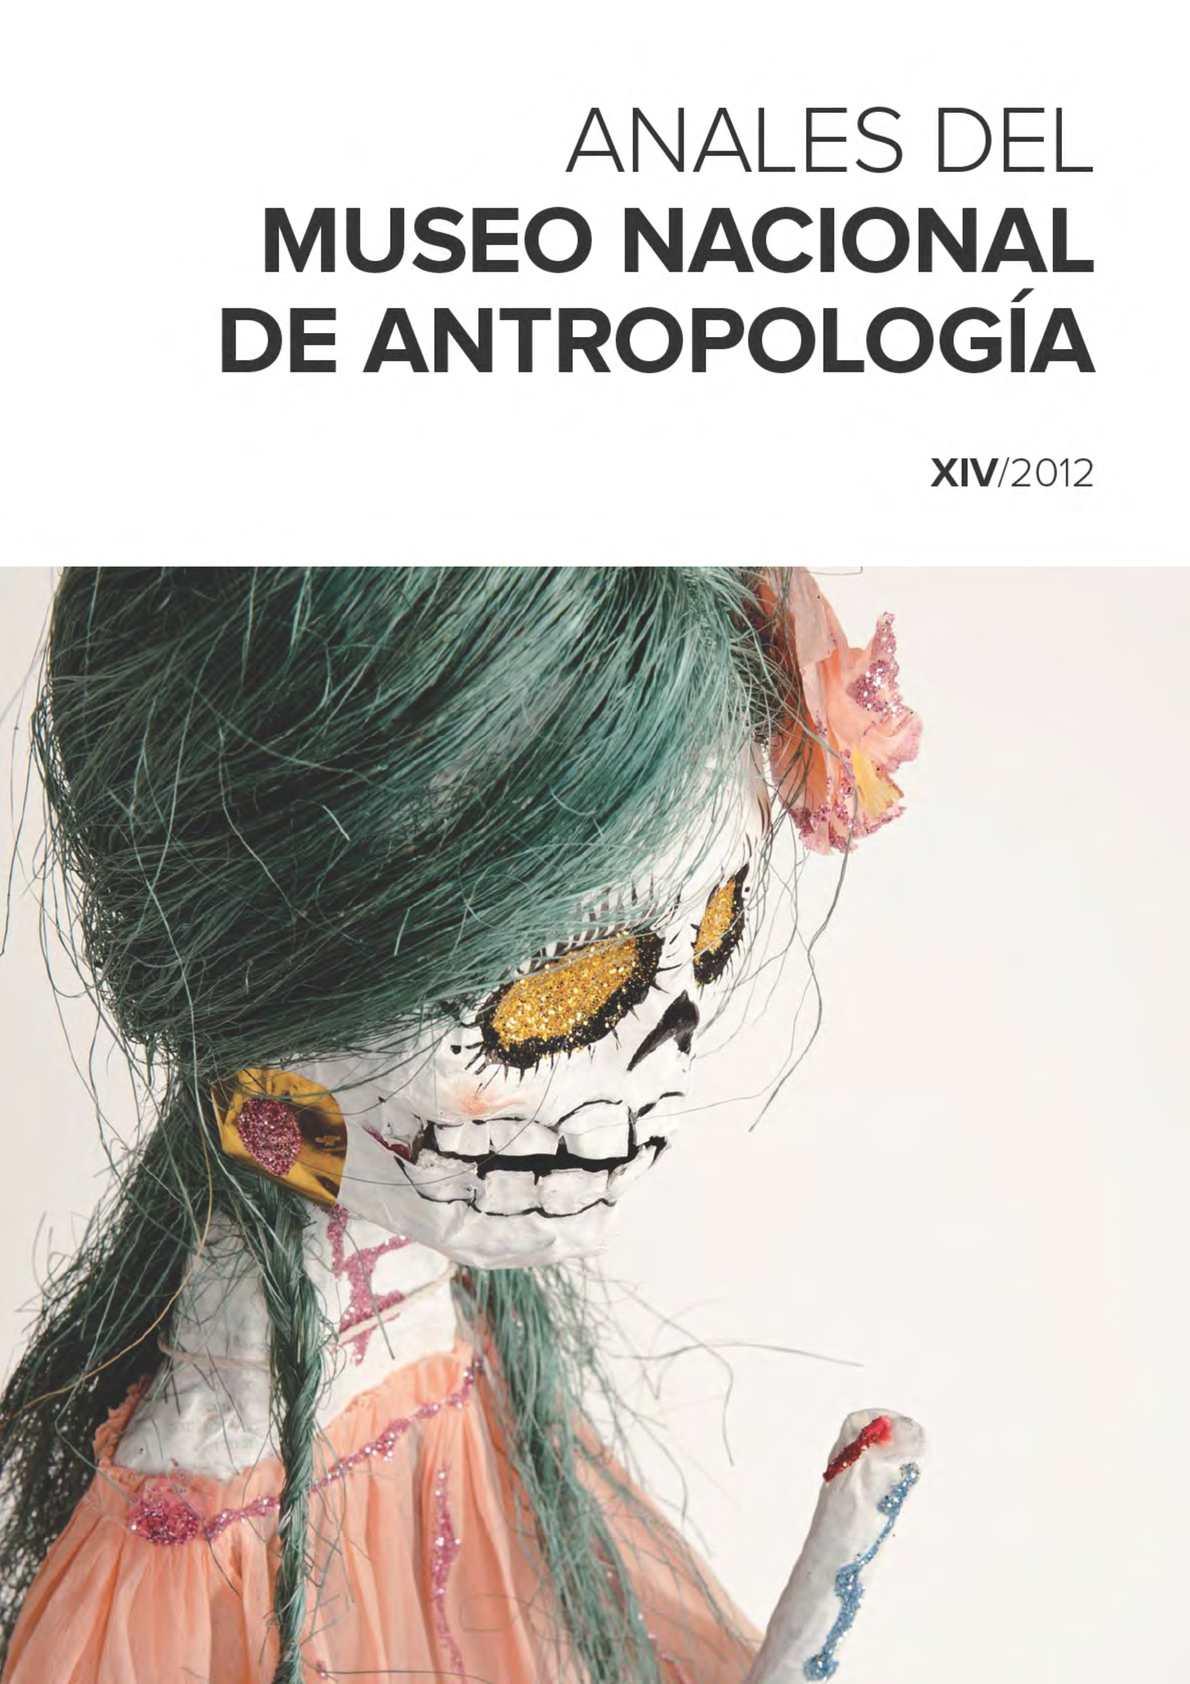 Calaméo - Anales del Museo Nacional de Antropología XIV/2012